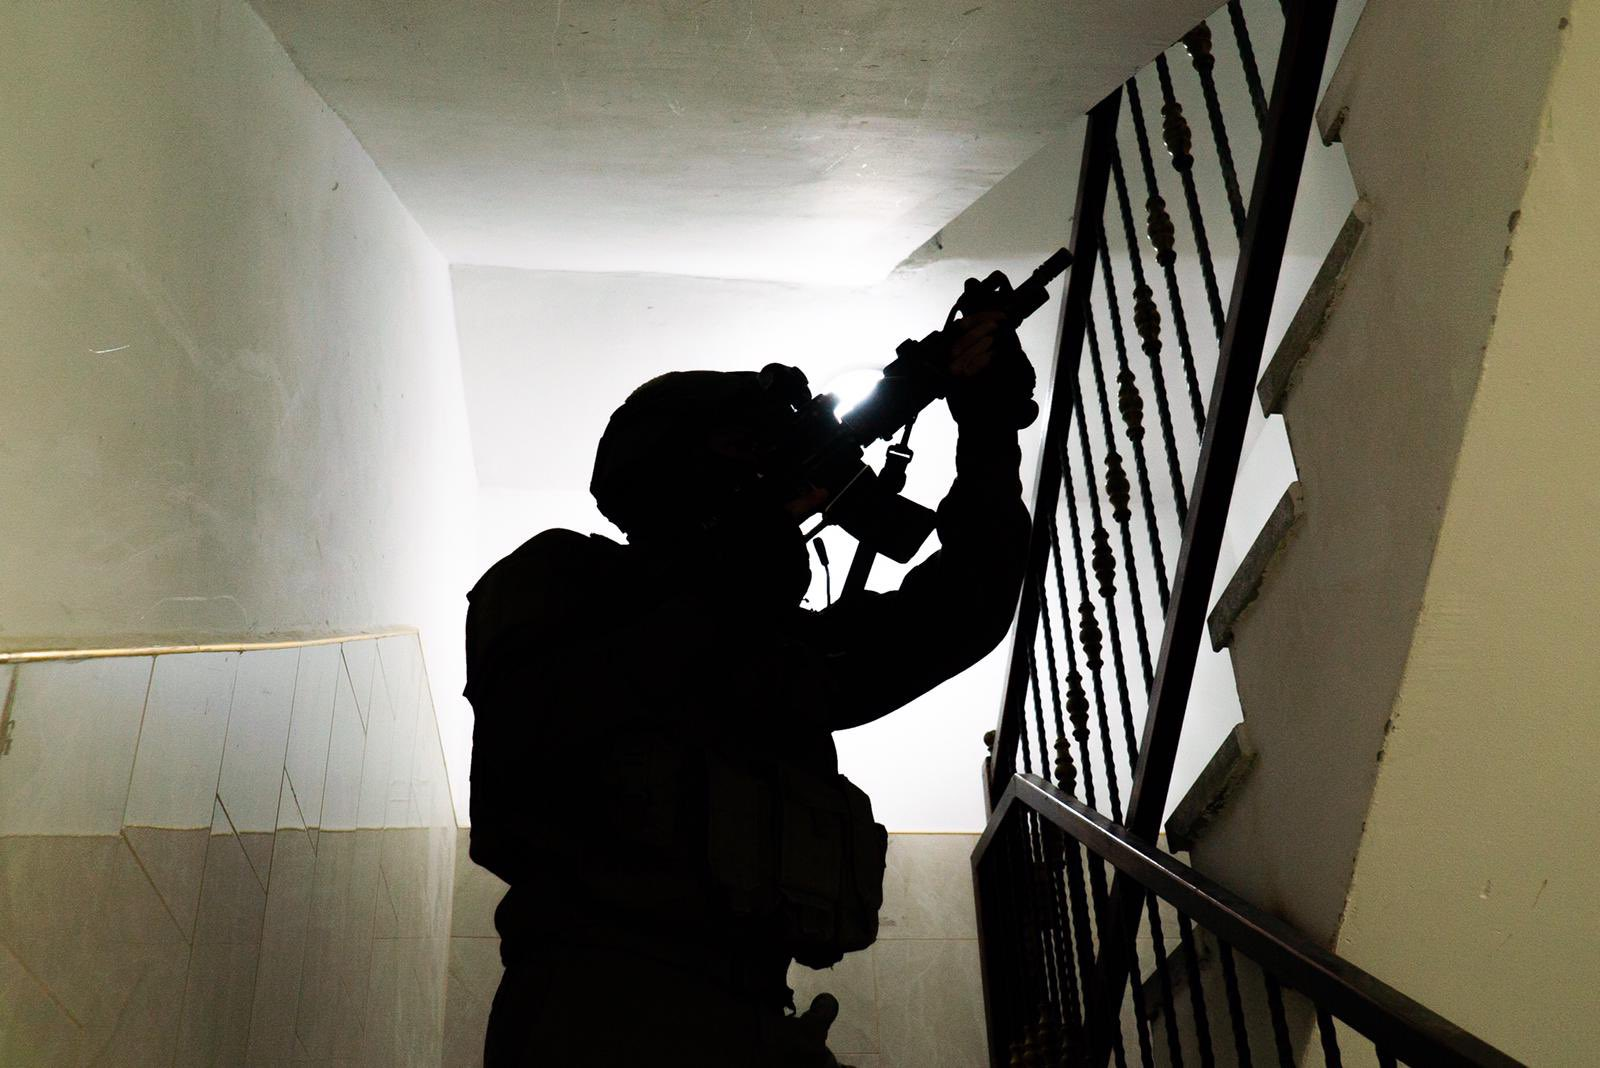 Fegyveres támadás a Tapuach csomópontnál – a hadsereg több embert őrizetbe vett | Szombat Online